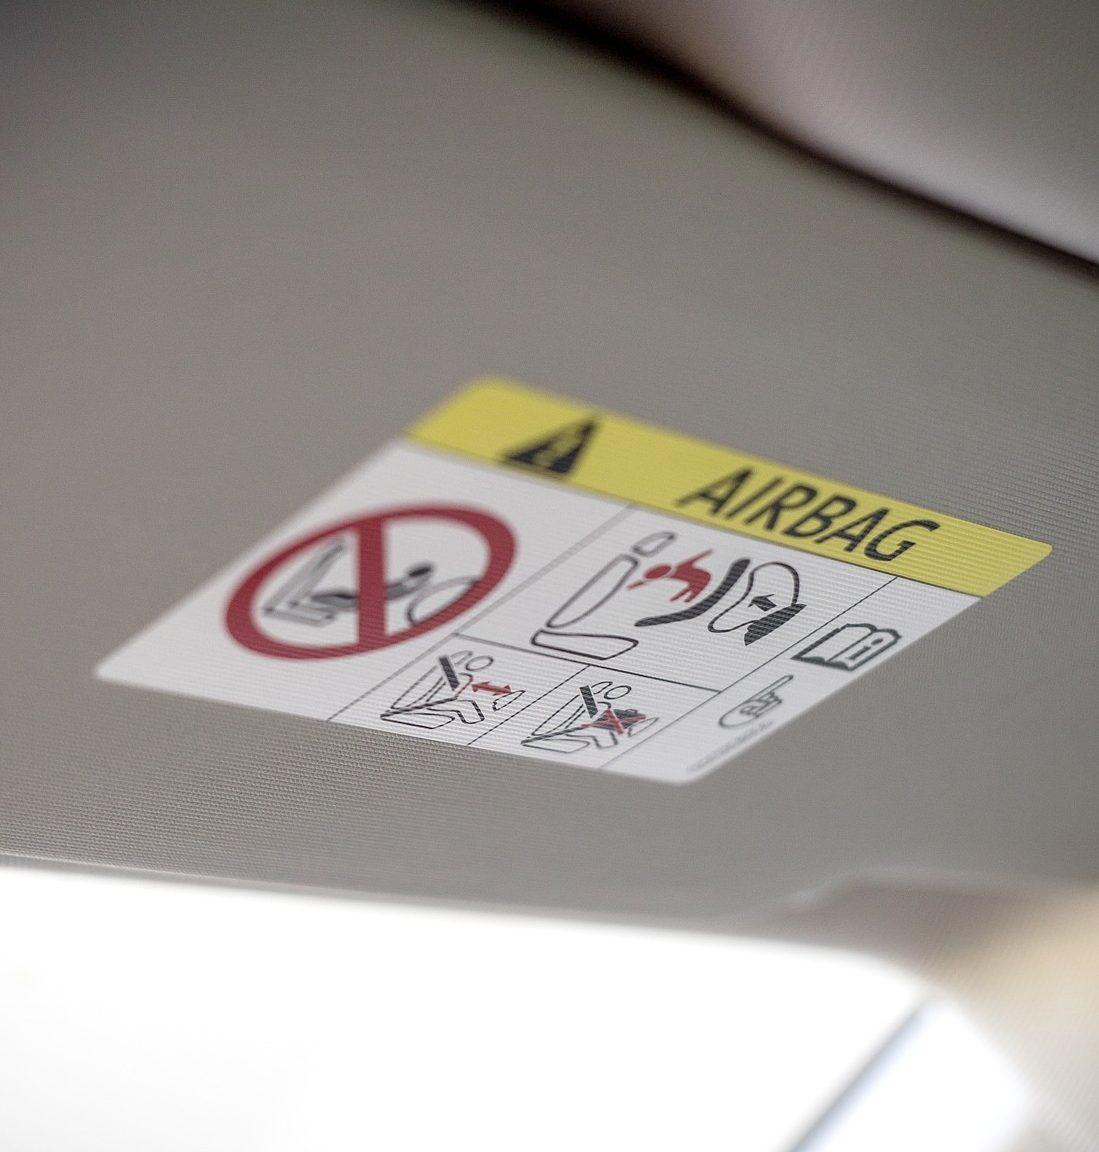 Ein Airbag dient der Sicherheit im Fahrzeug